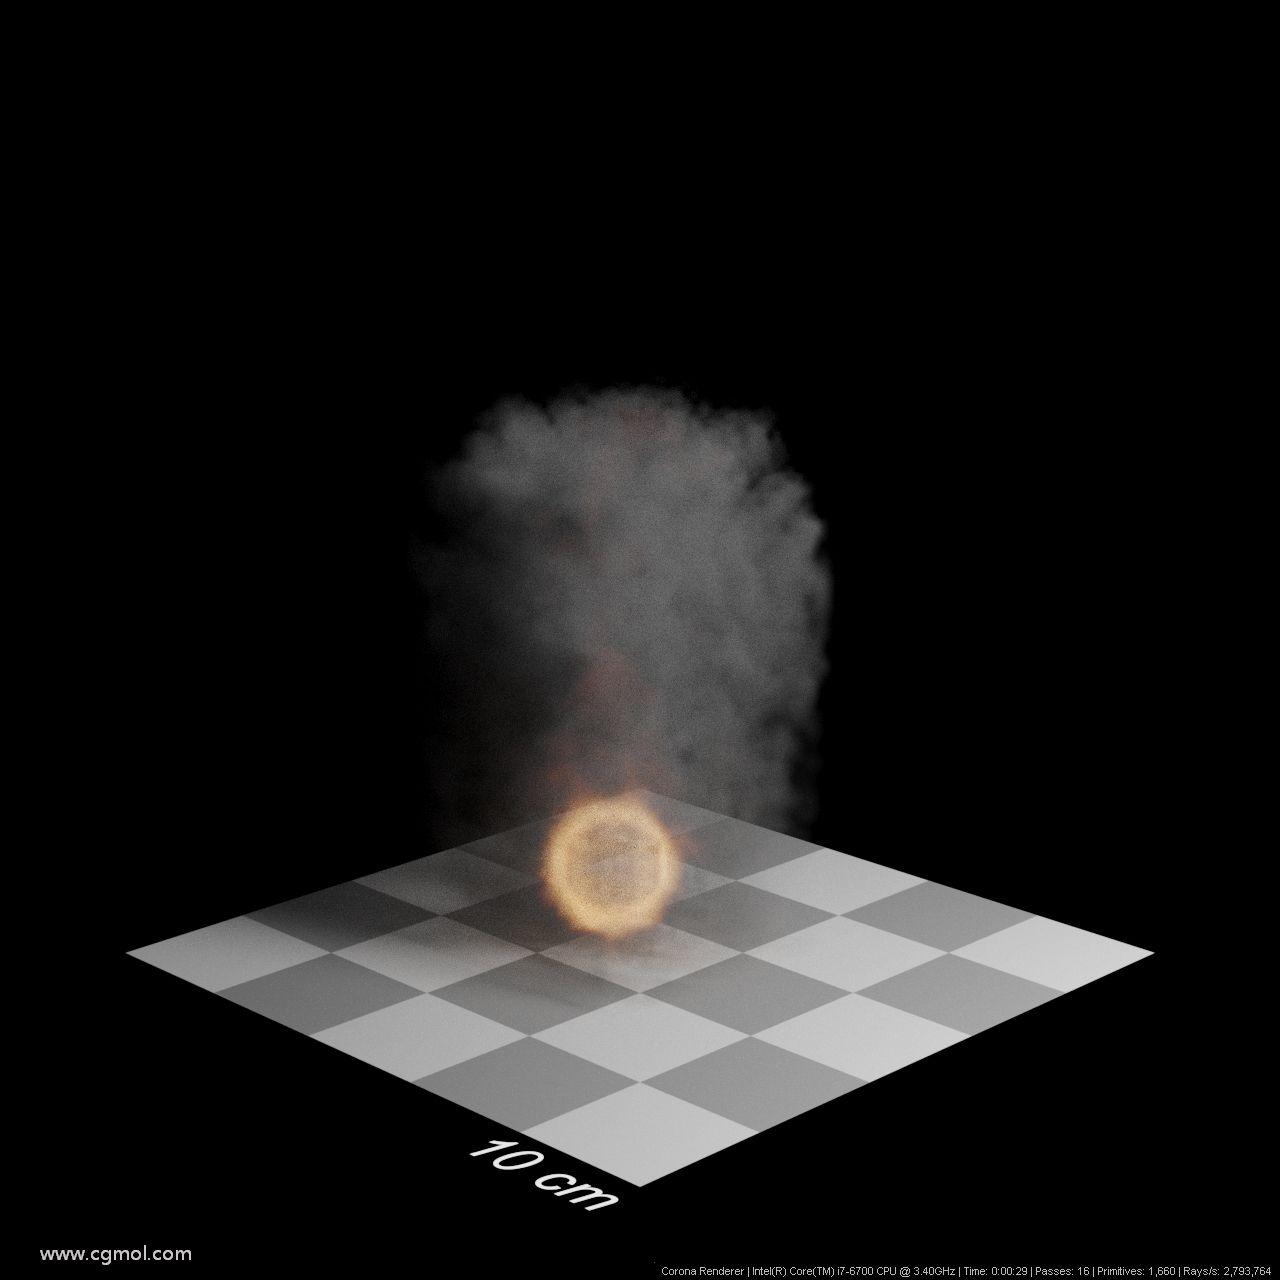 步长50厘米。渲染时间29秒。整个对象变得透明,细节丢失。